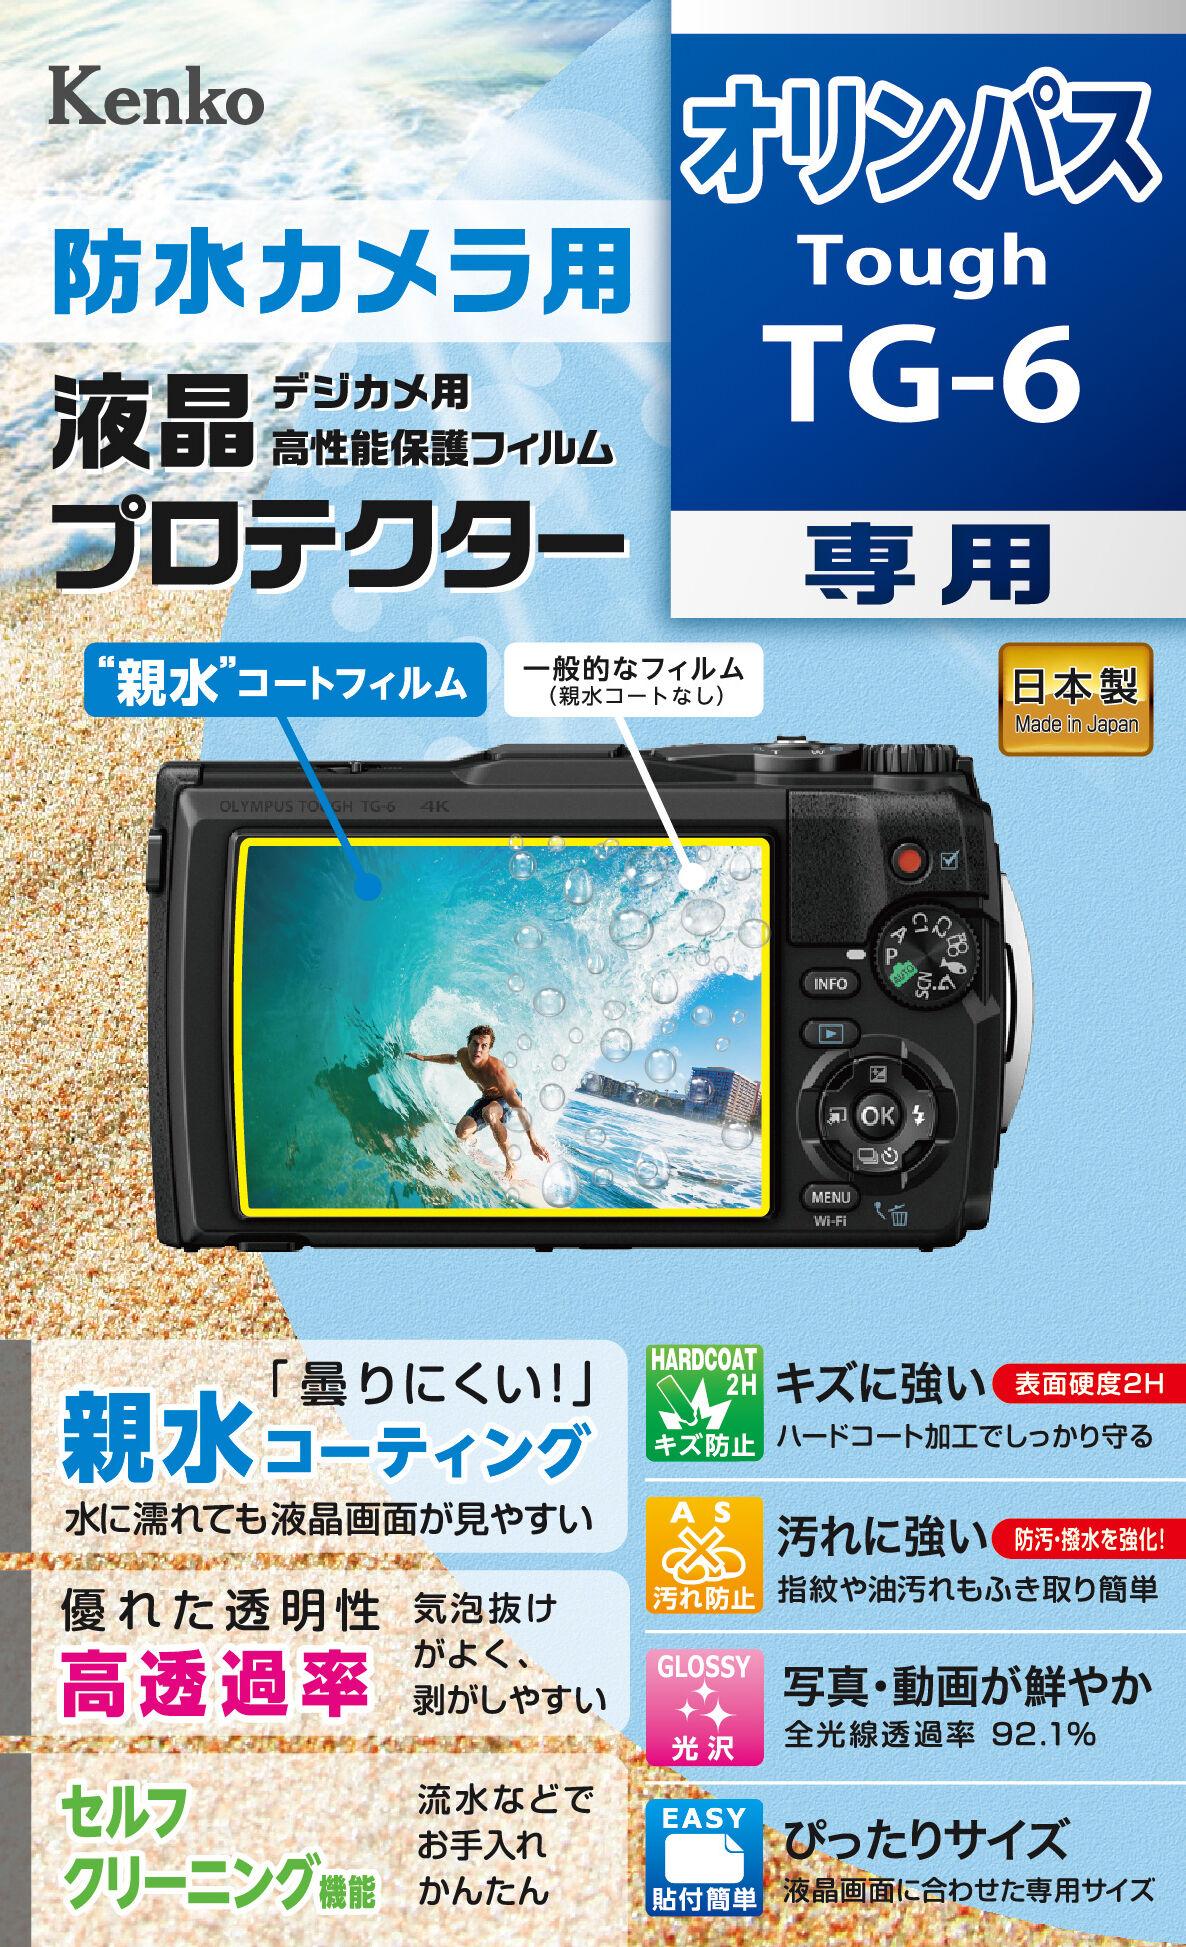 https://www.kenko-tokina.co.jp/imaging/eq/mt-images/4961607732700.jpg